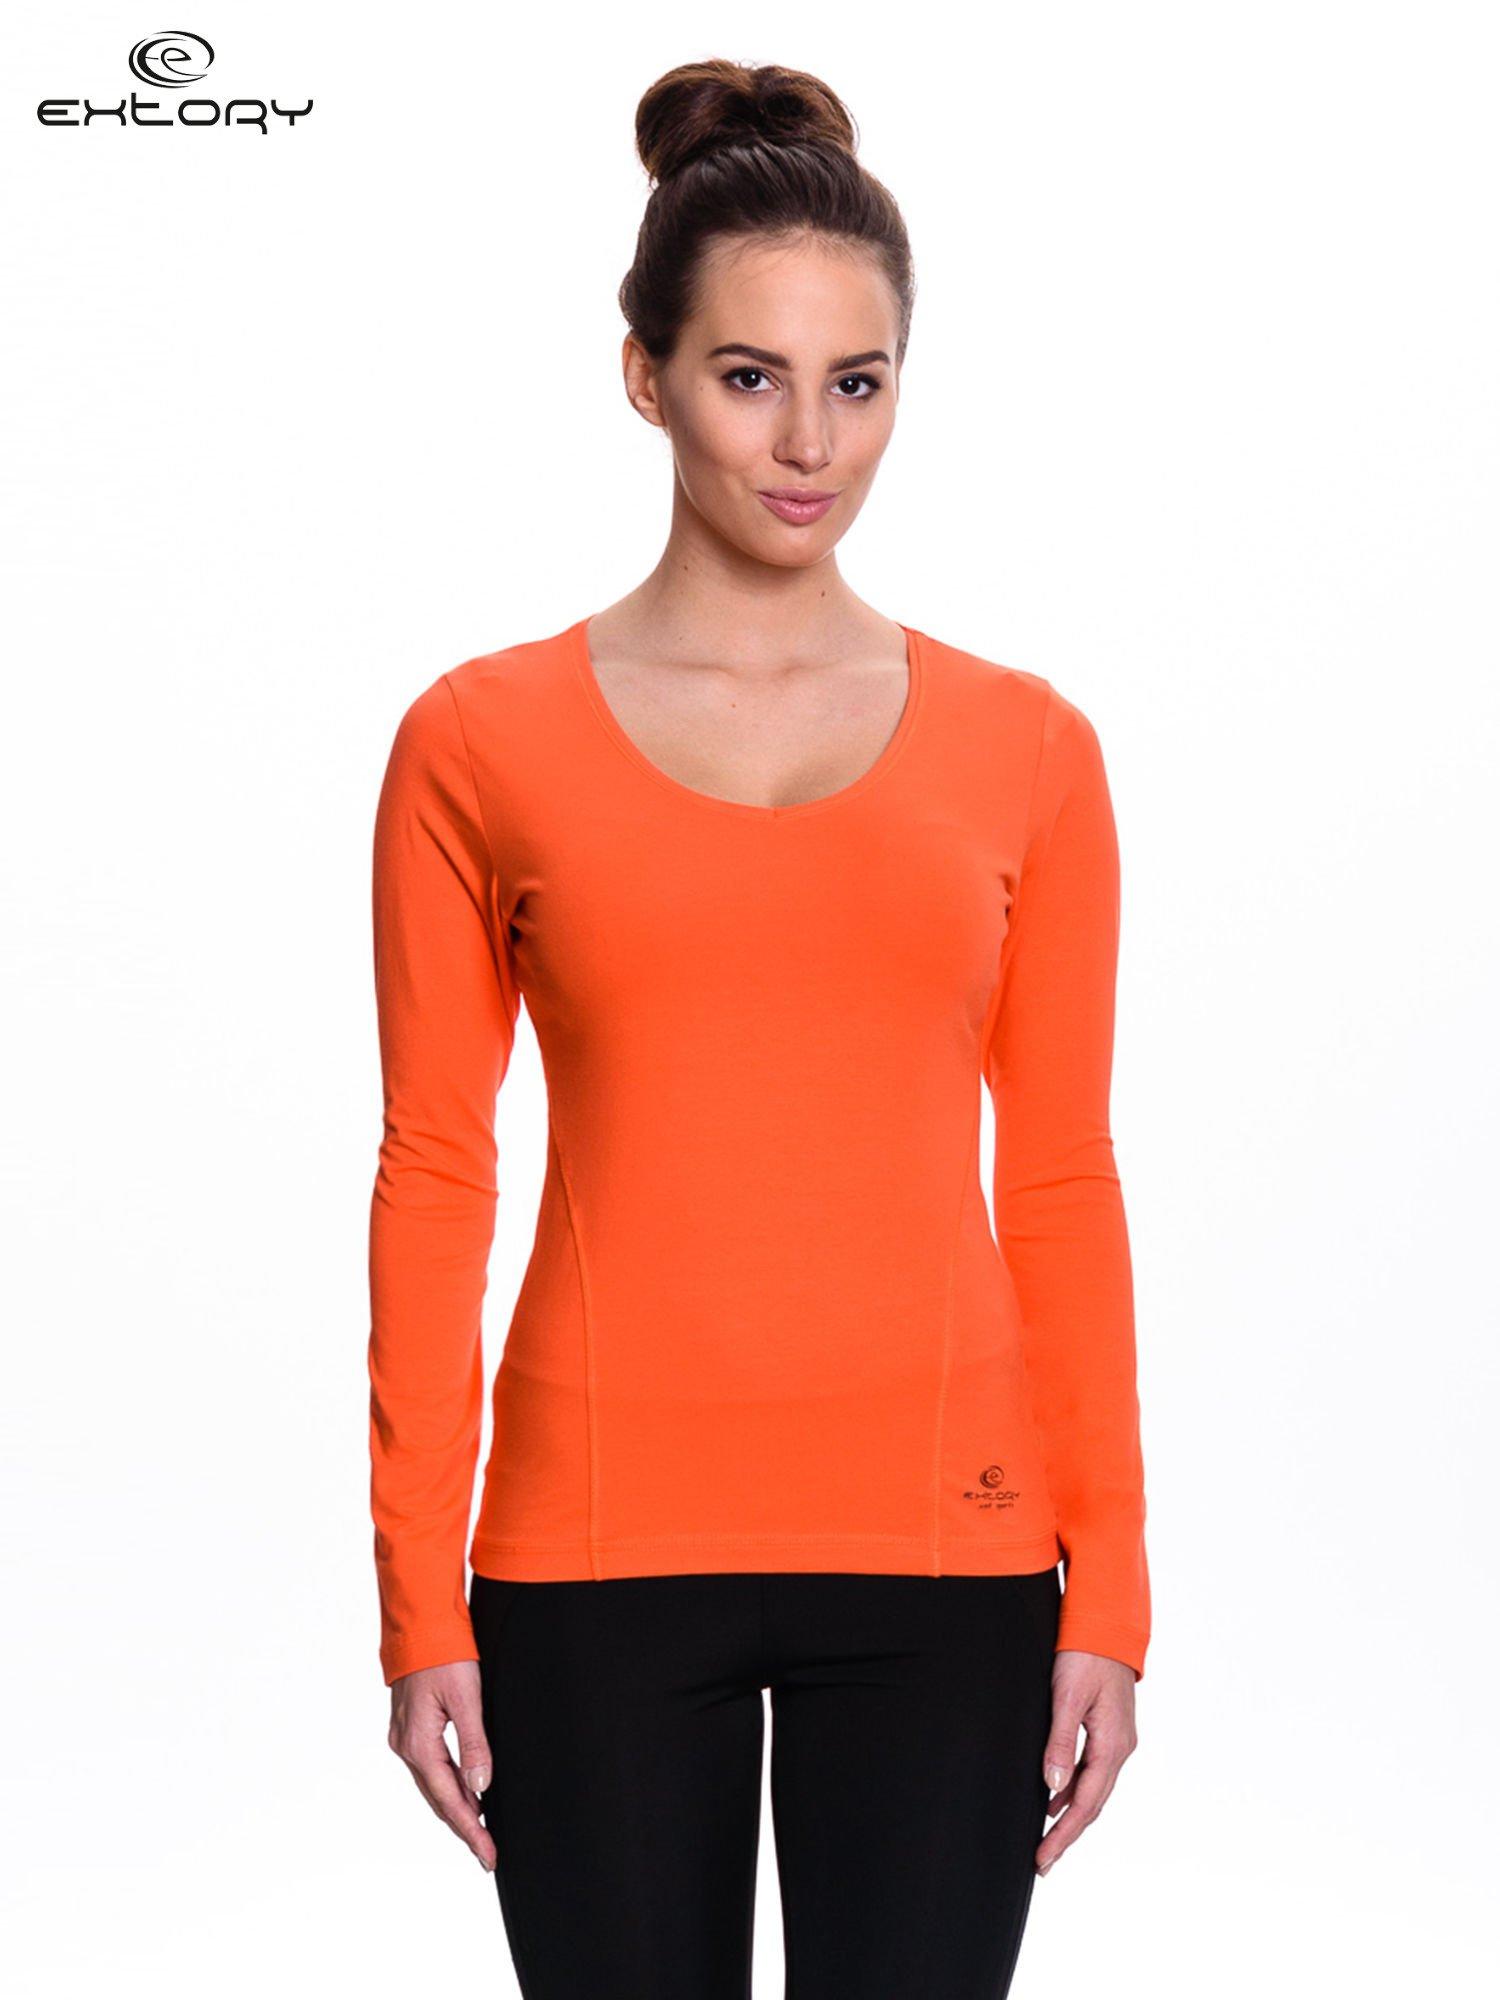 Pomarańczowa bluzka sportowa z dekoltem V                                  zdj.                                  1